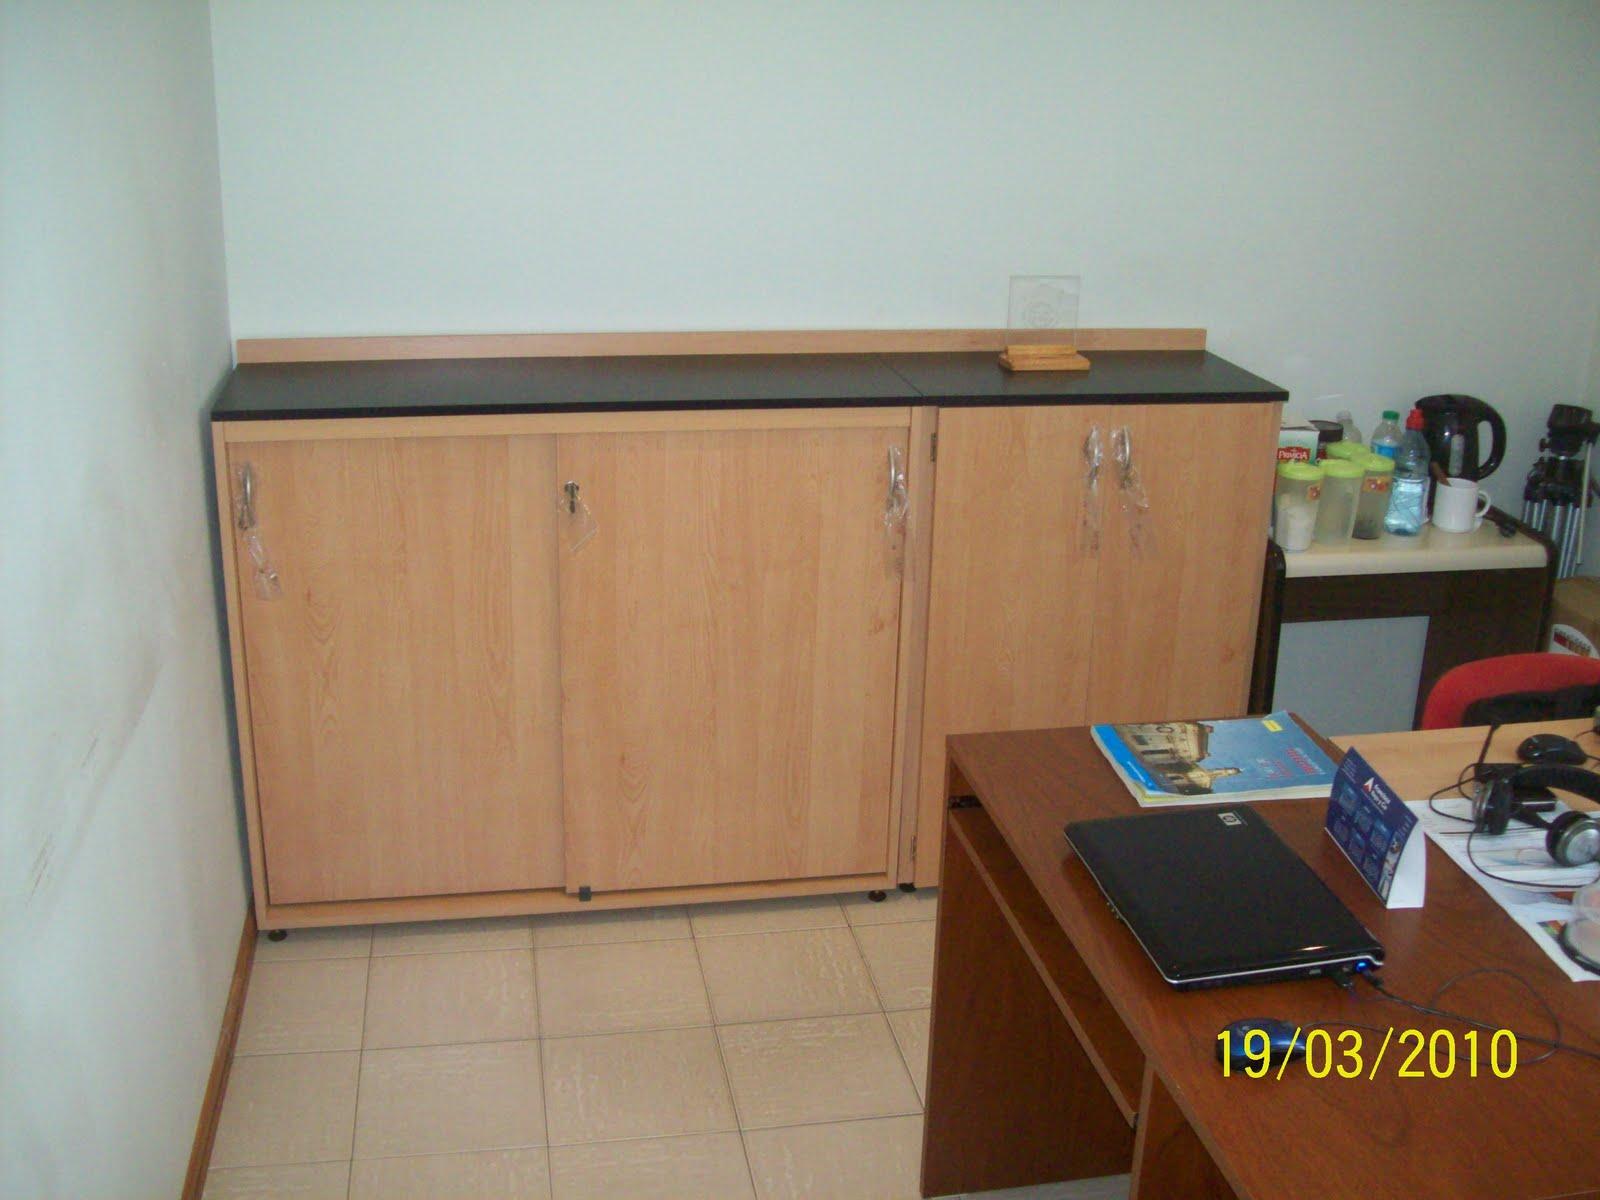 D m c amoblamientos amoblamiento de oficina contruido en for Amoblamiento oficina